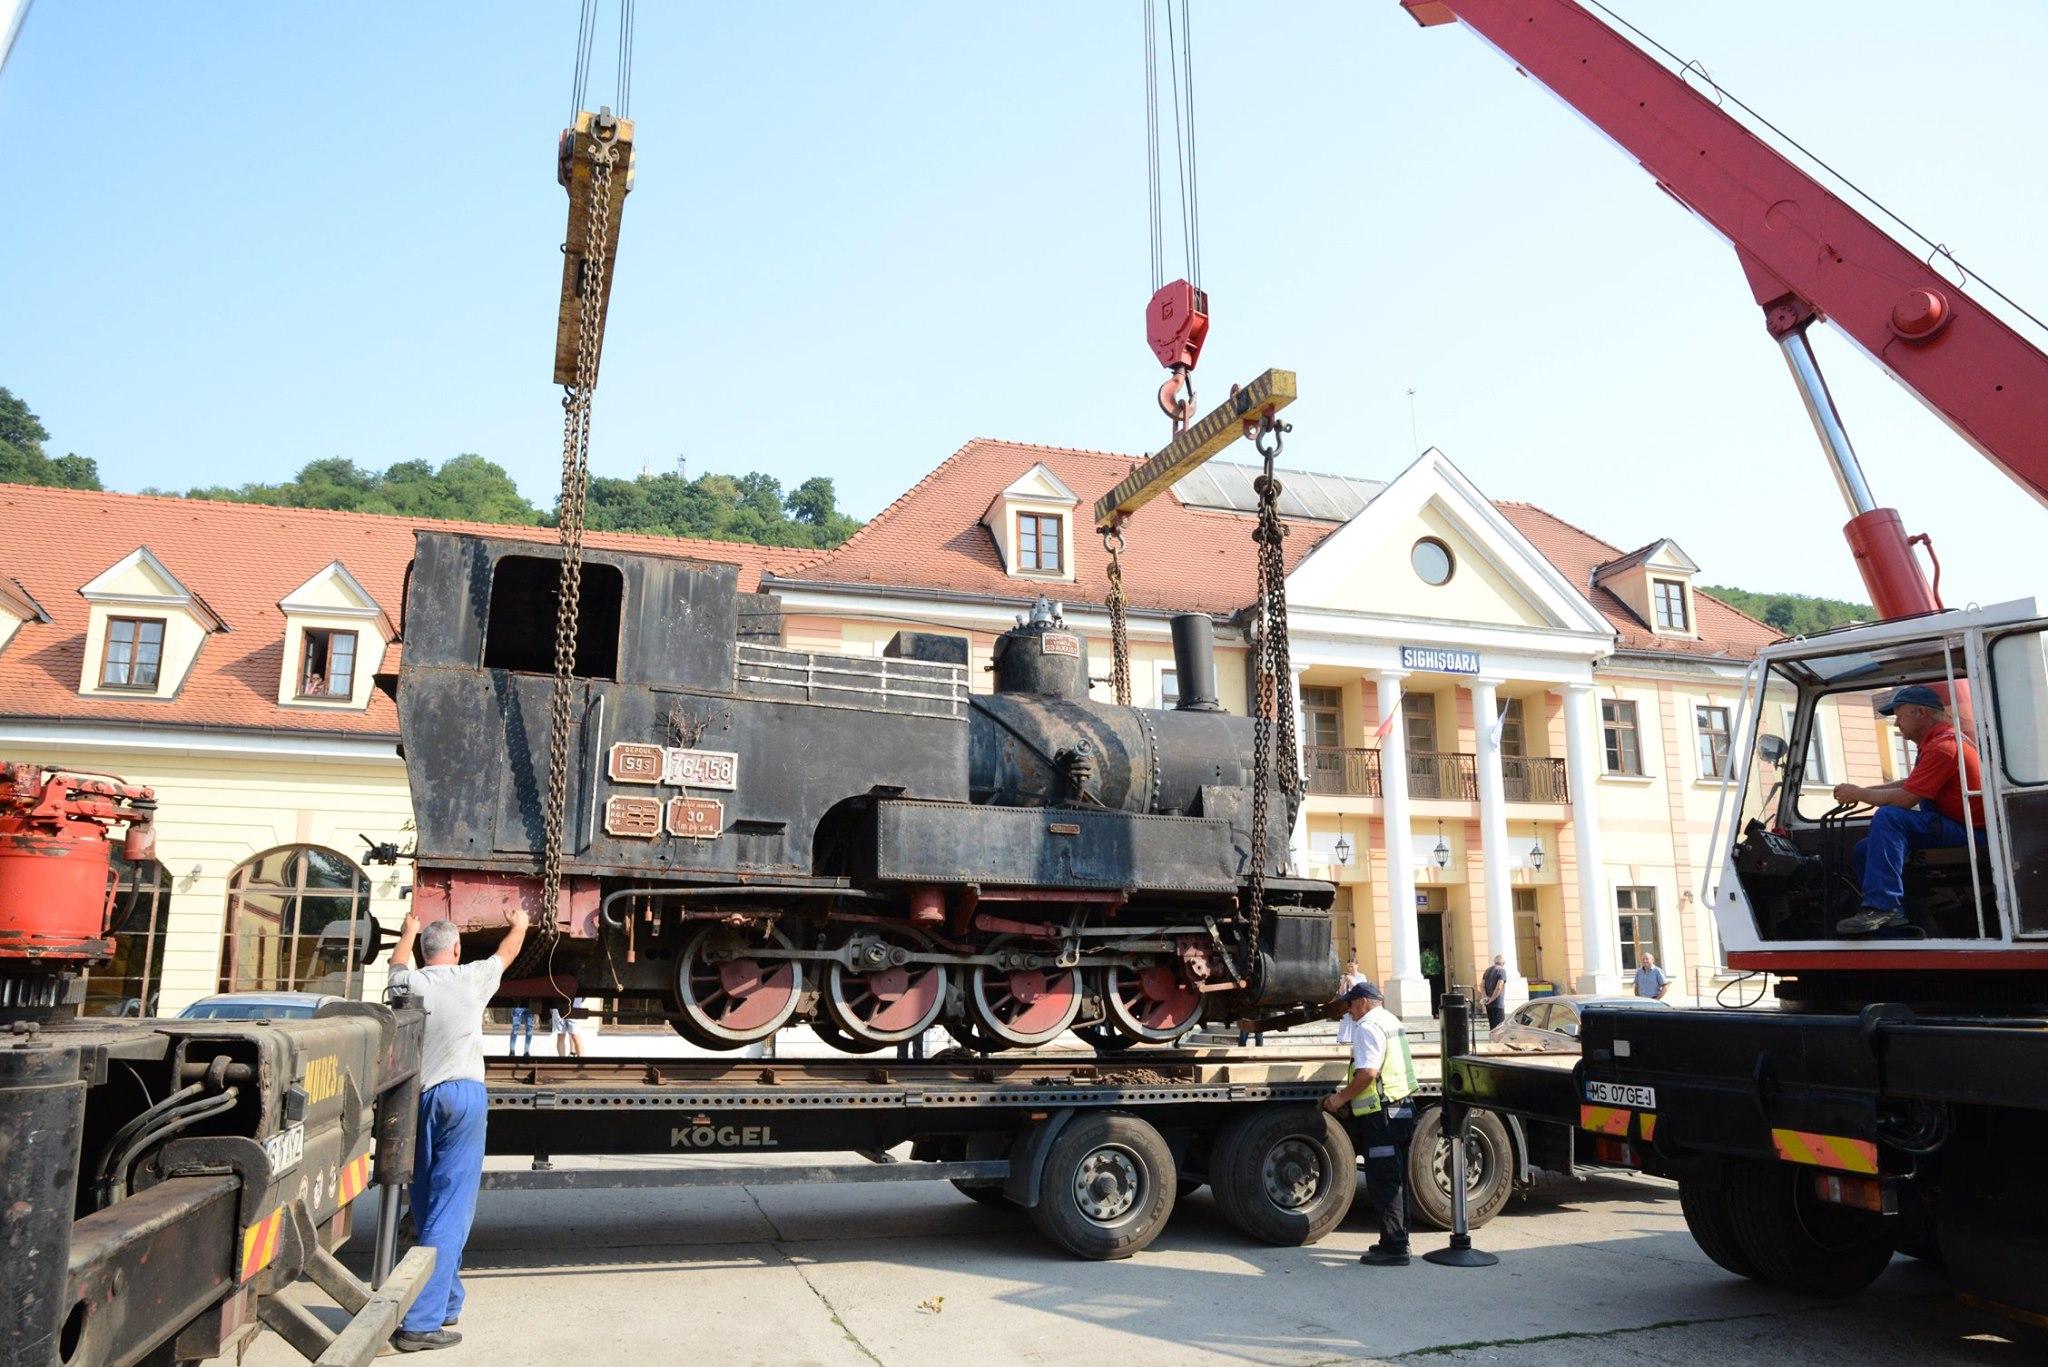 După 26 de ani, una din vechile locomotive cu abur ale mocăniței s-a întors acasă